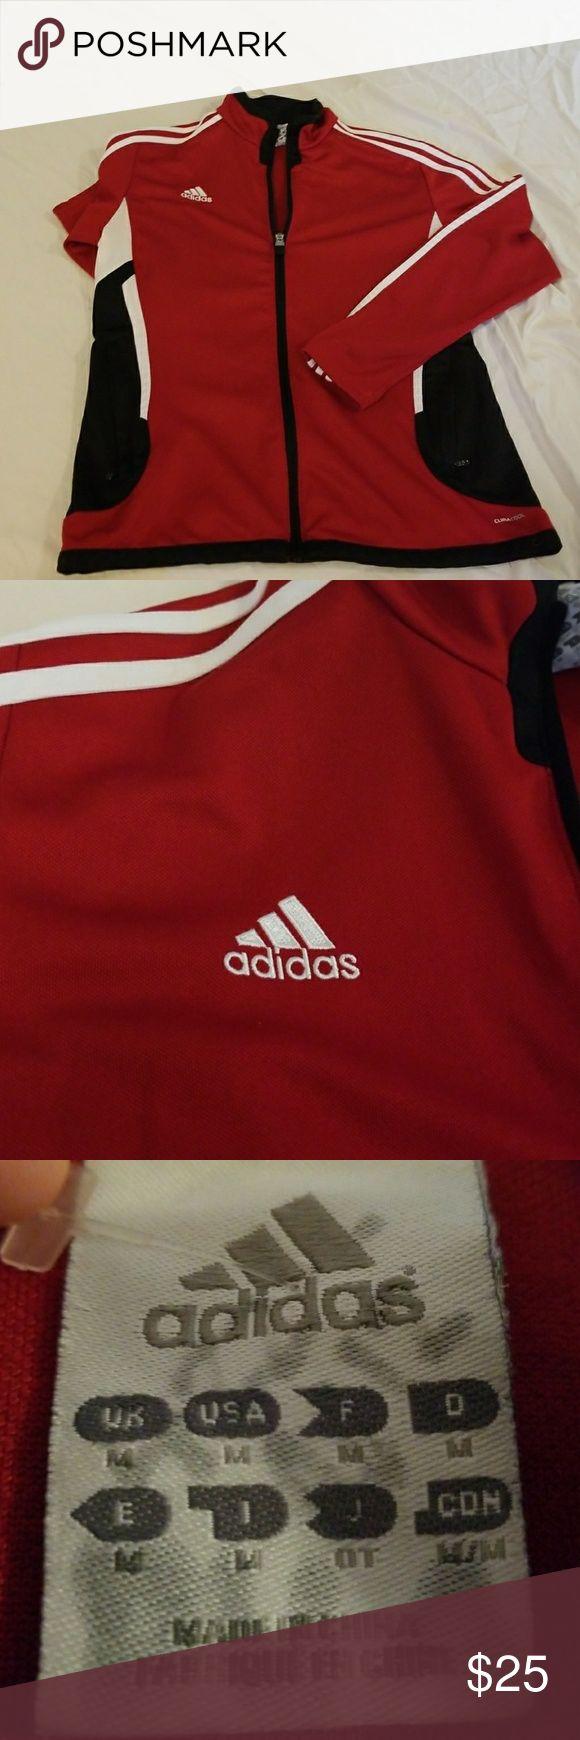 Adidas climacool jacket Red Adidas jacket like new adidas Jackets & Coats